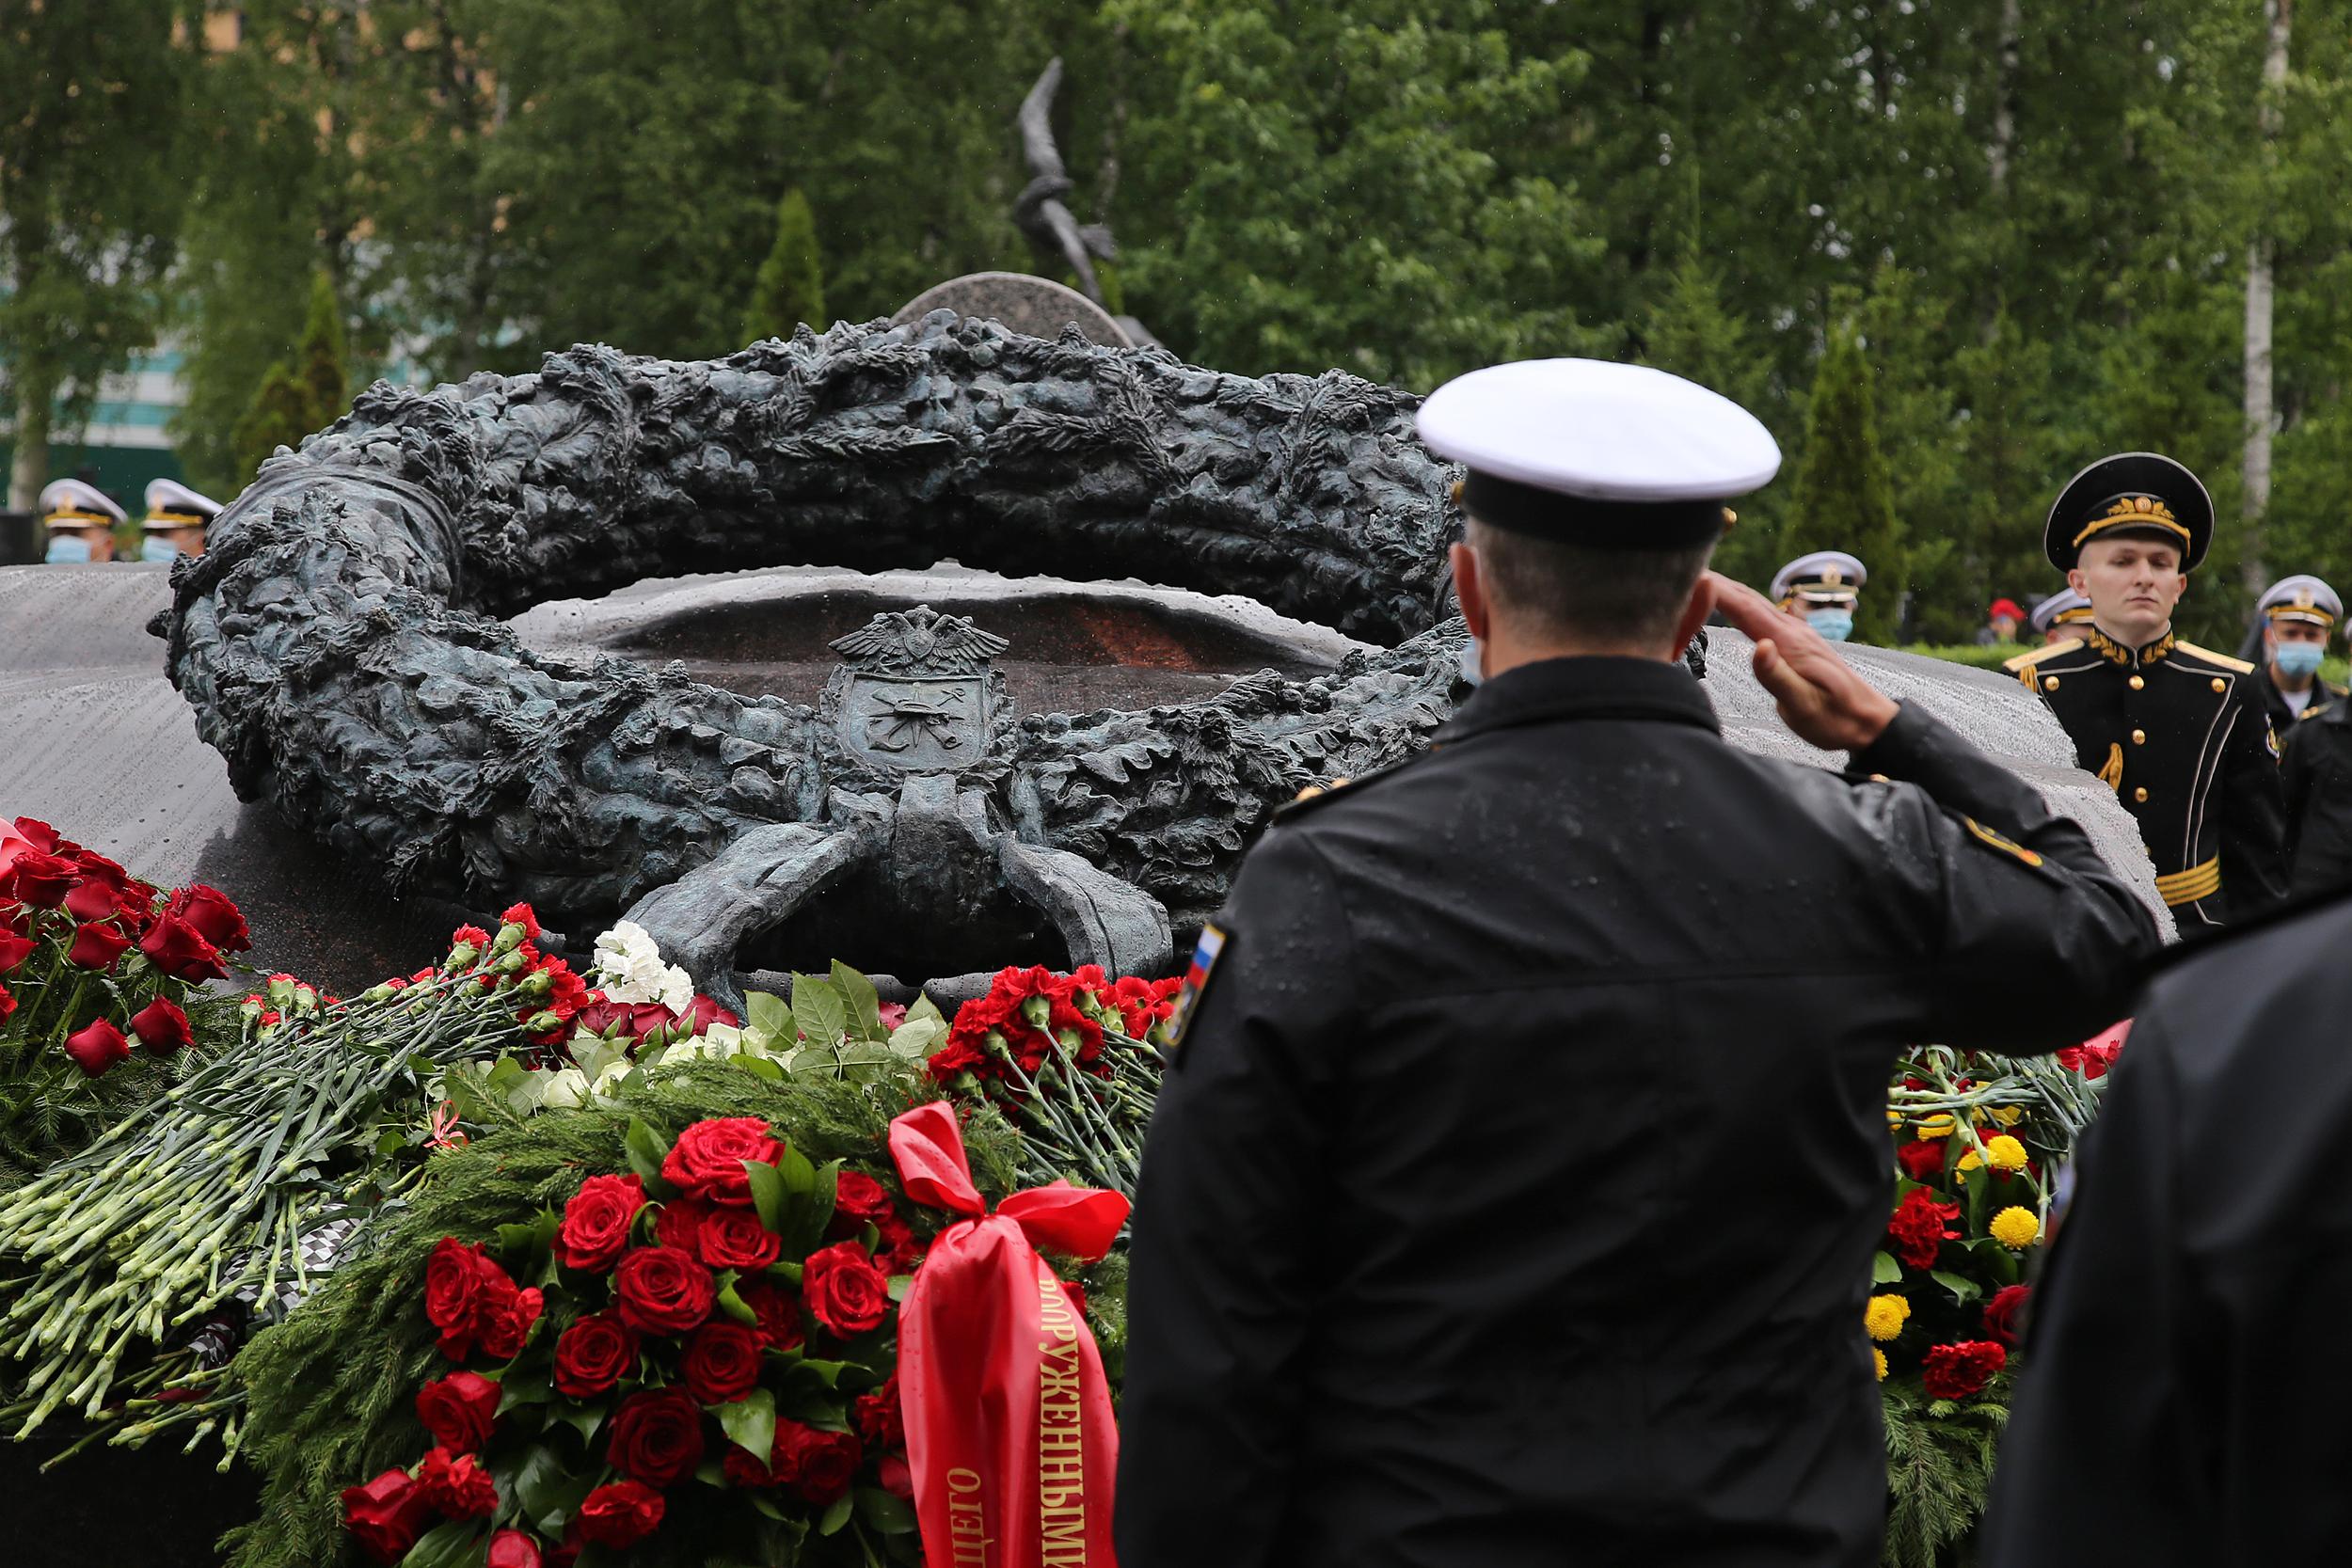 Первым к памятнику возложили венок от верховного главнокомандующего Владимира Путина